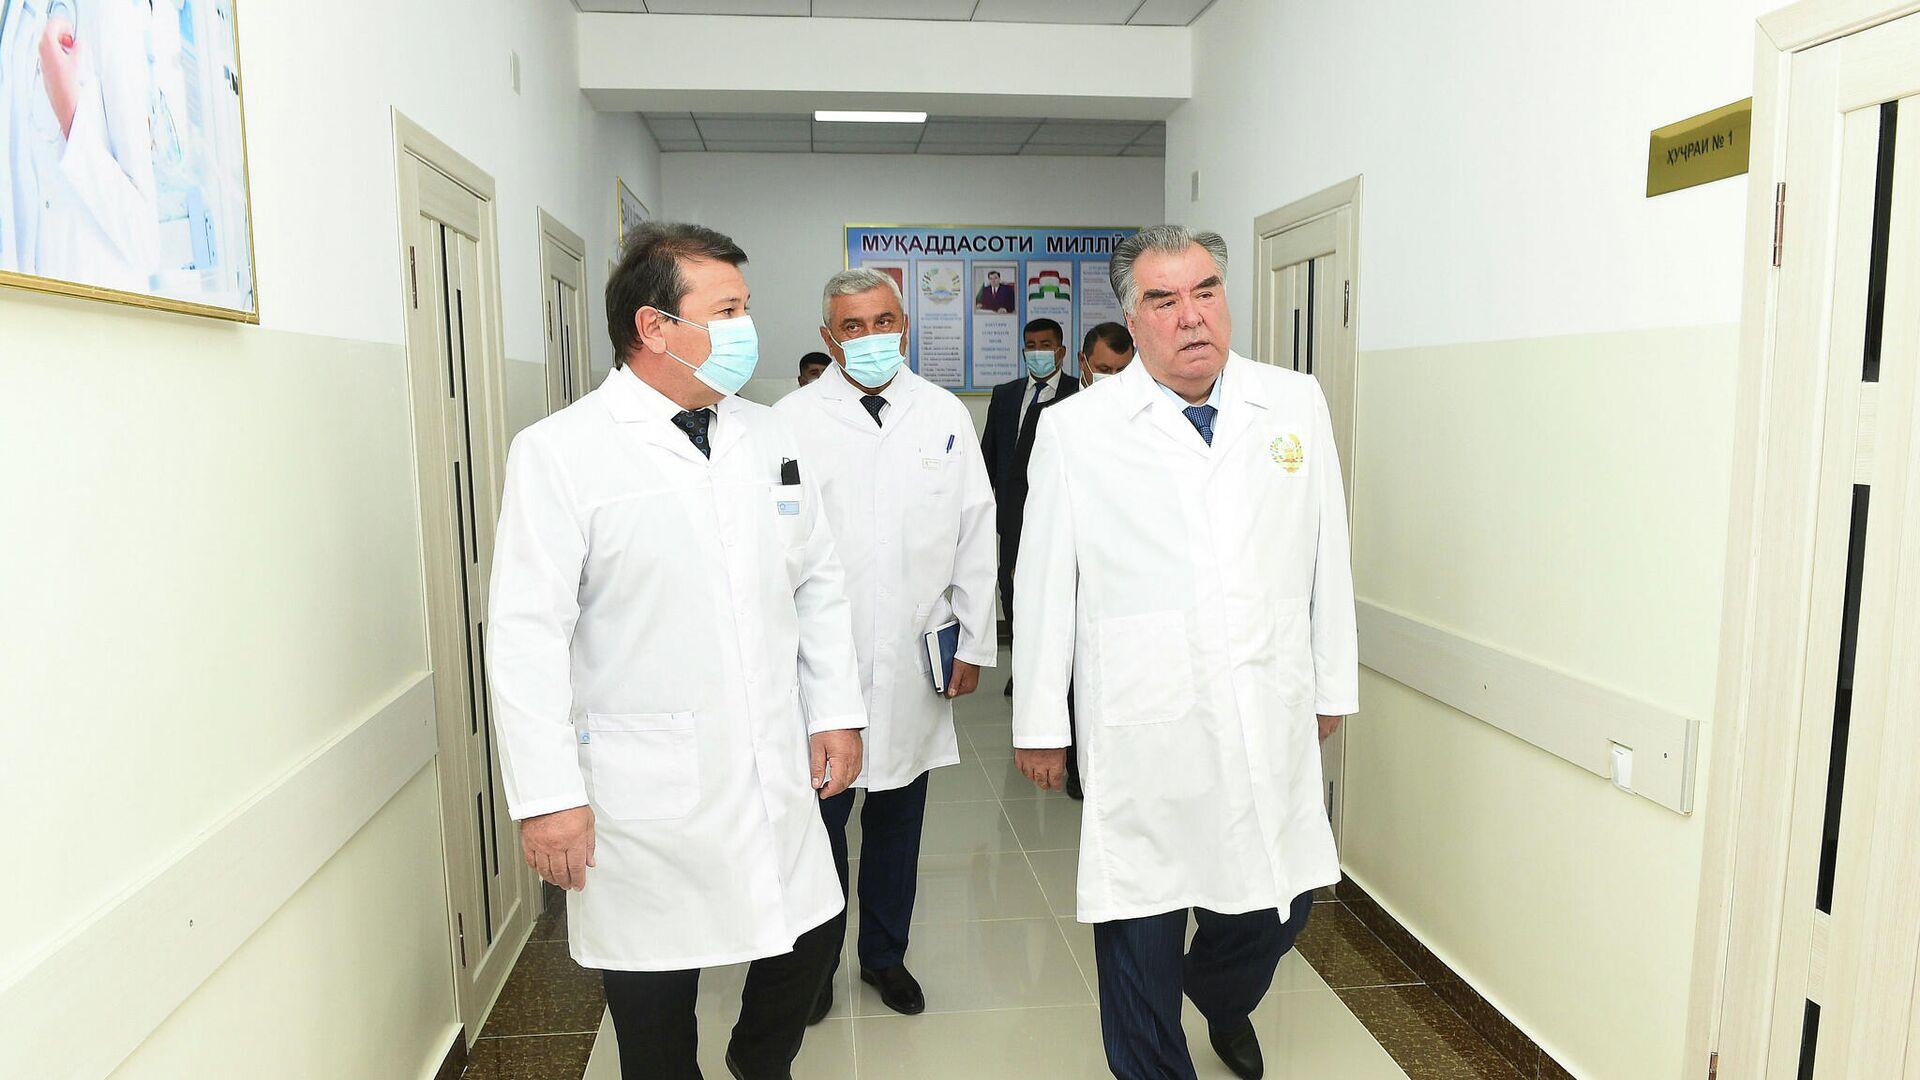 Эмомали Рахмон ввел в эксплуатацию родильное отделение центральной больницы Нурободского района - Sputnik Таджикистан, 1920, 20.09.2021